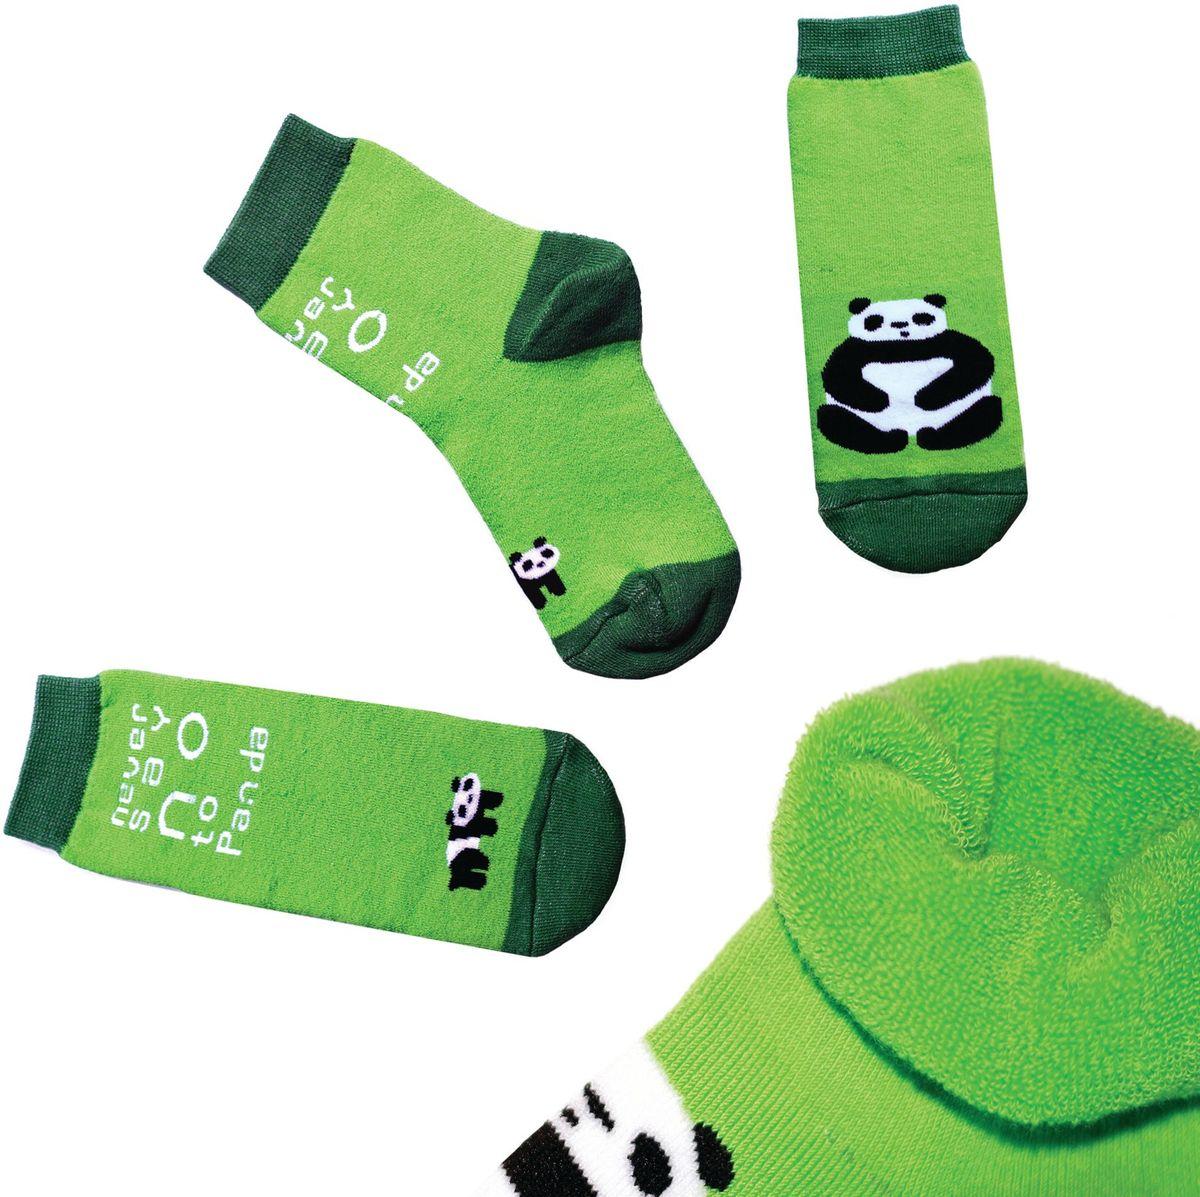 Фото Носки детские Big Bang Socks, цвет: салатовый. n113. Размер 30/34. Купить  в РФ